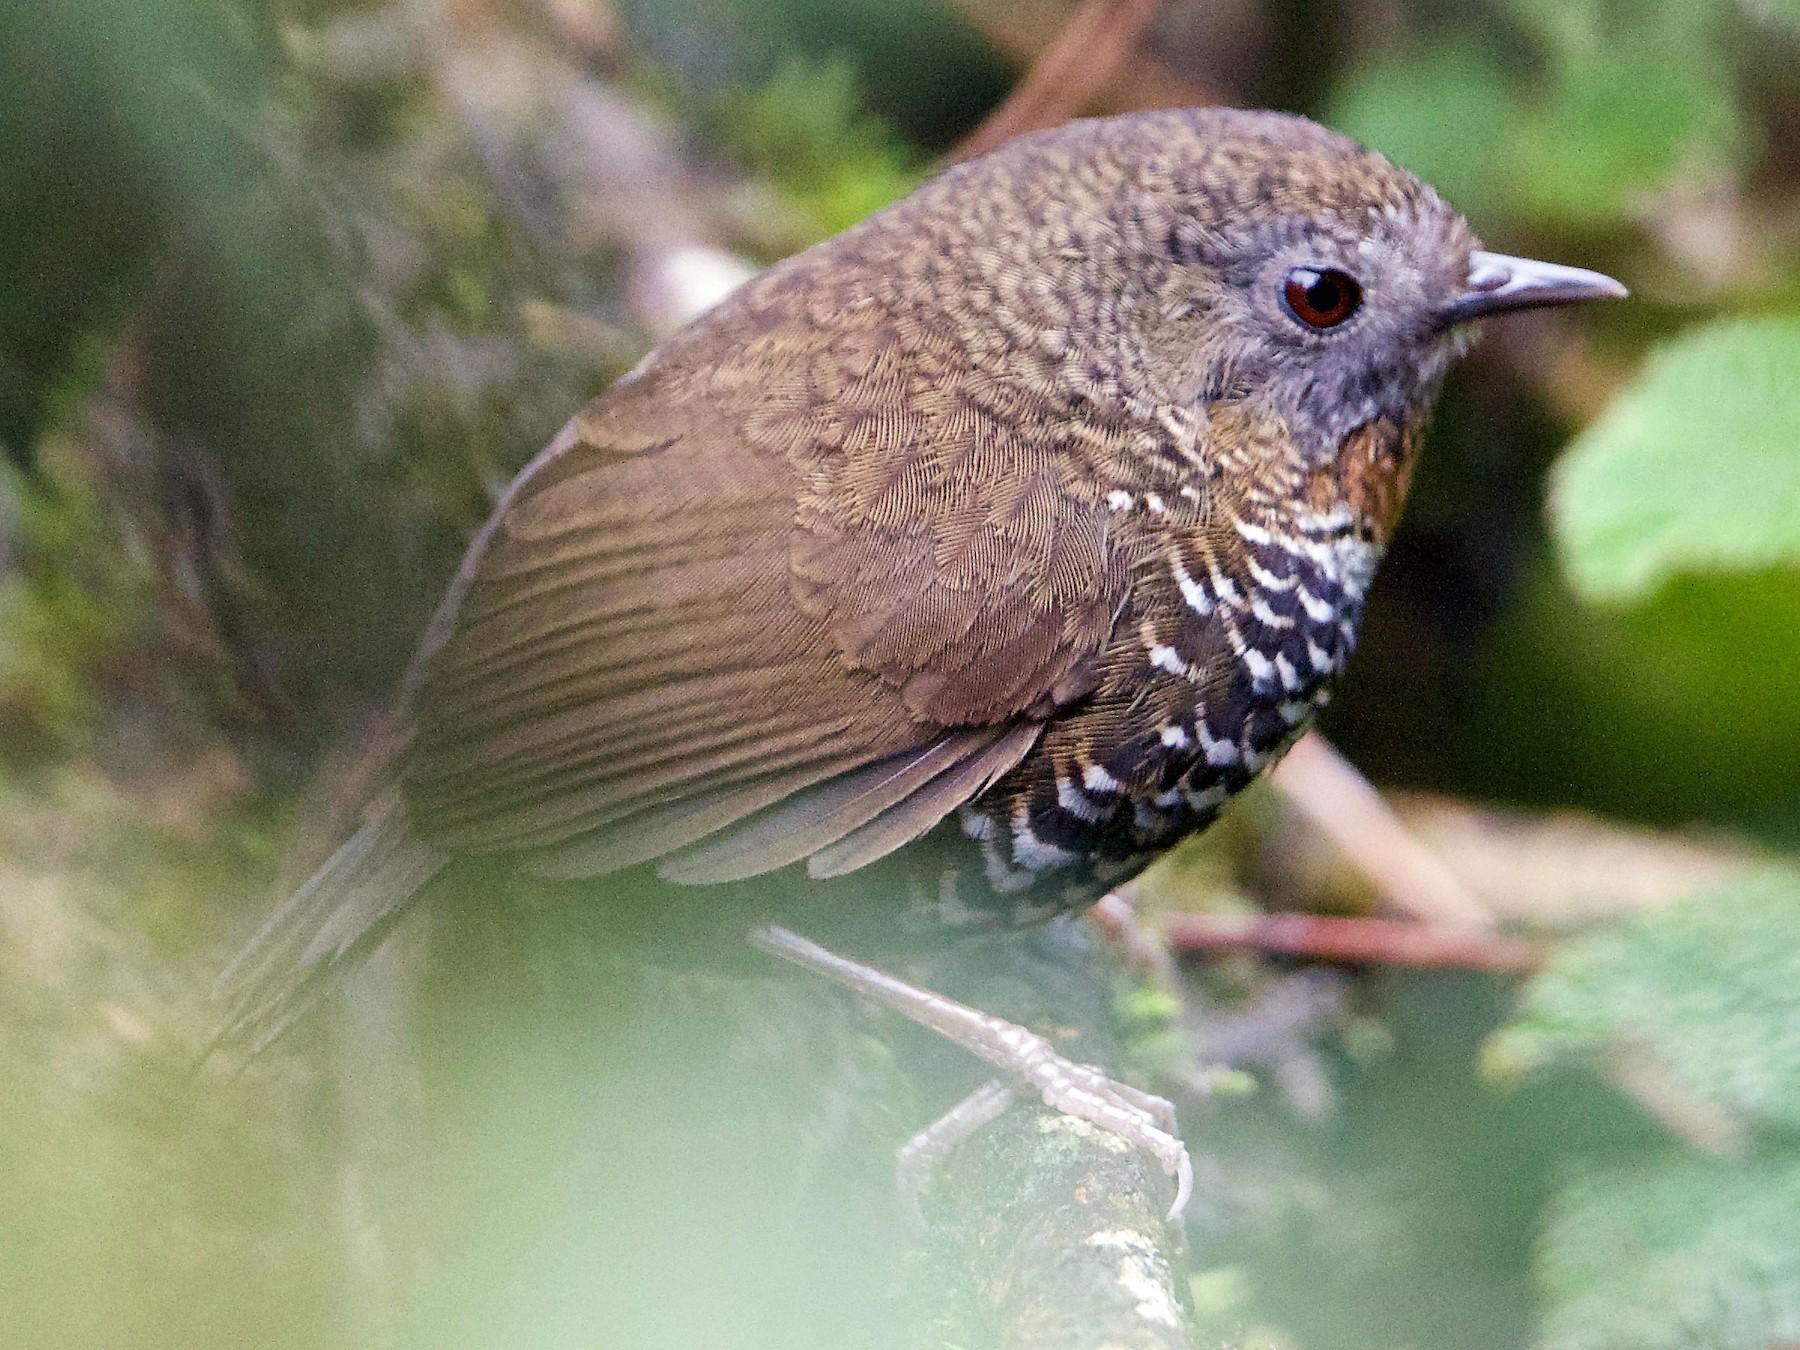 Rusty-throated Wren-Babbler - Snehasis Sinha